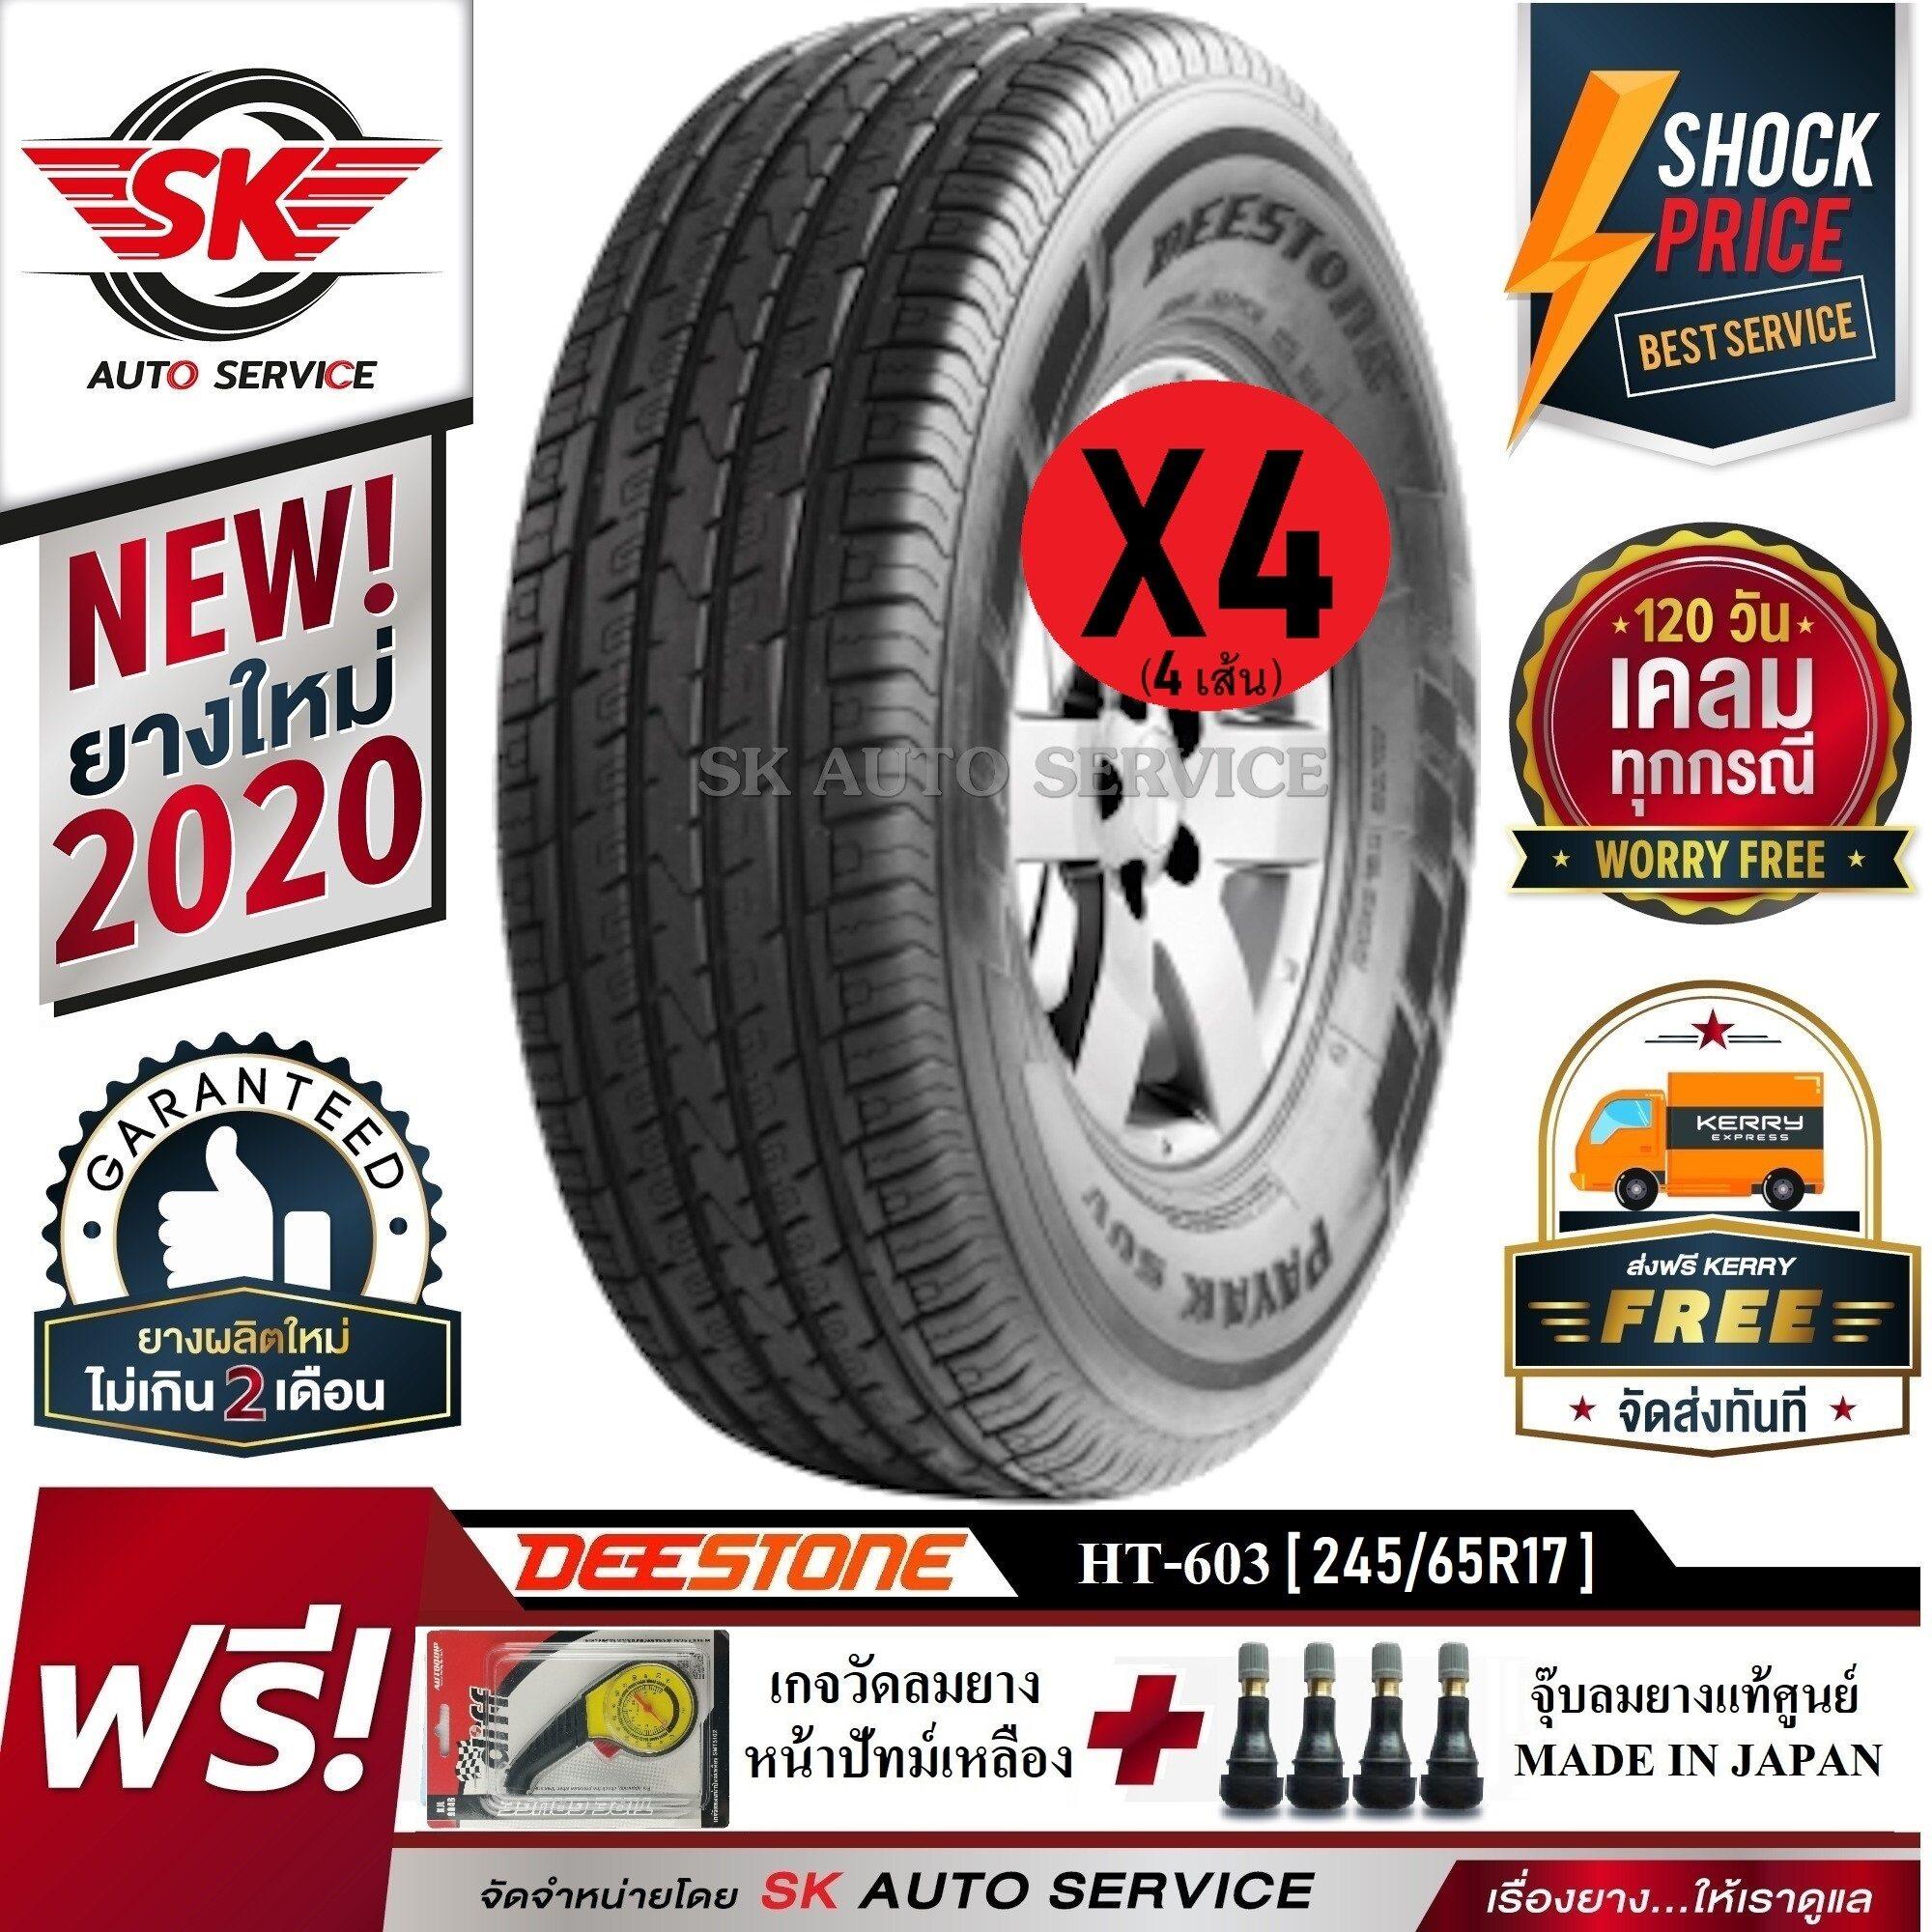 Deestone ยางรถยนต์ 245/65r17 (ล้อขอบ17) รุ่น Ht603 4 เส้น (ล็อตใหม่ปี 2020).